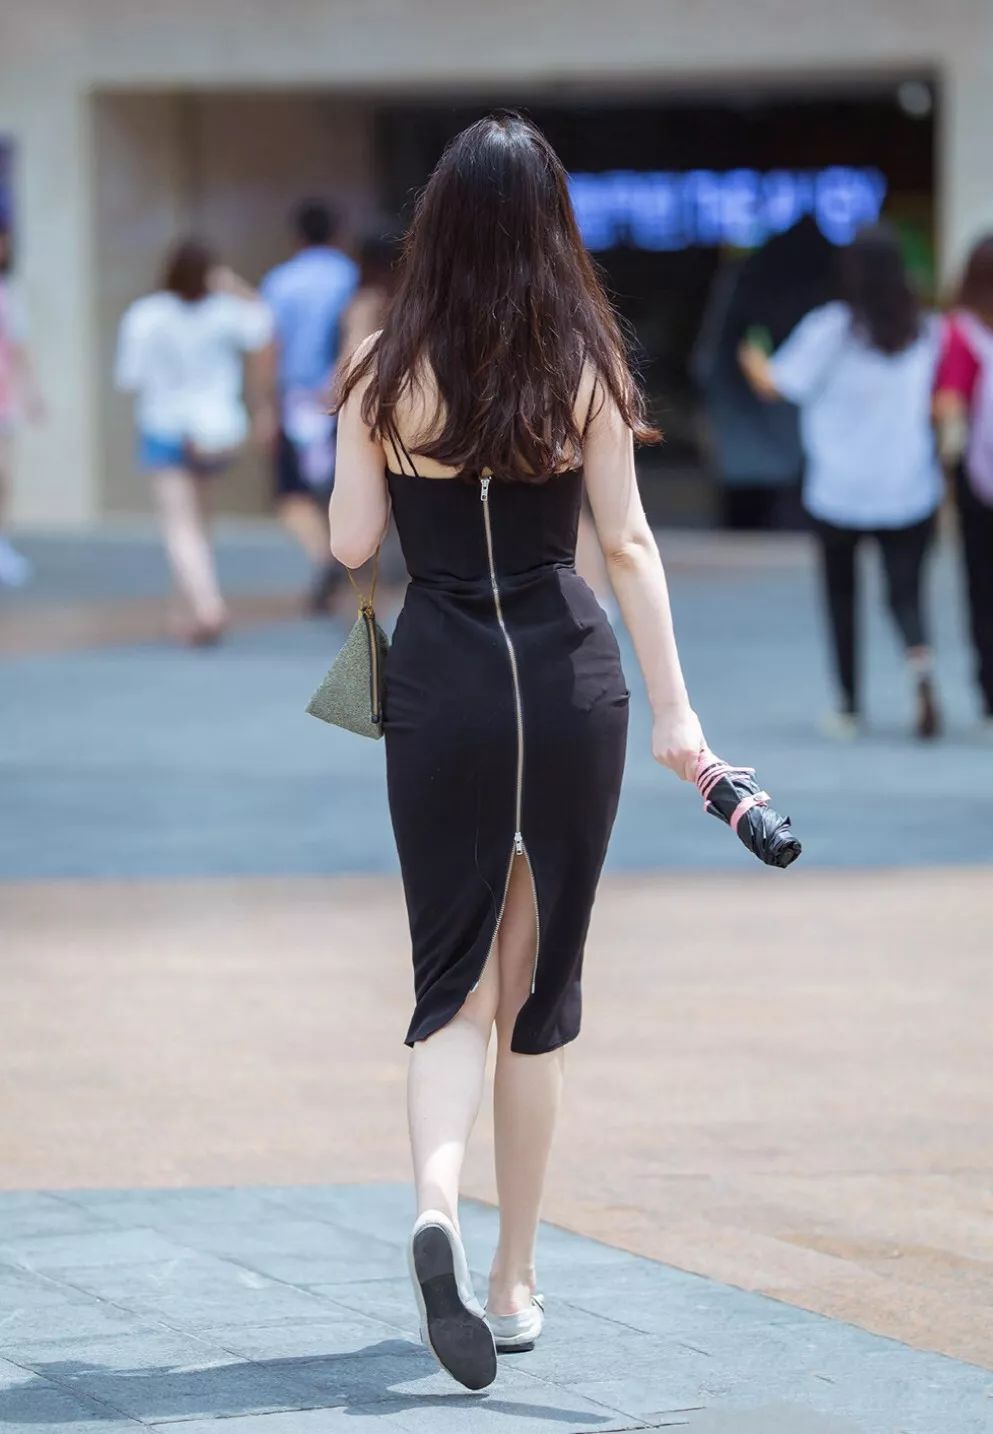 [街拍美女]深V真空无内性感街拍,胸型完美,这是没穿内衣吗3